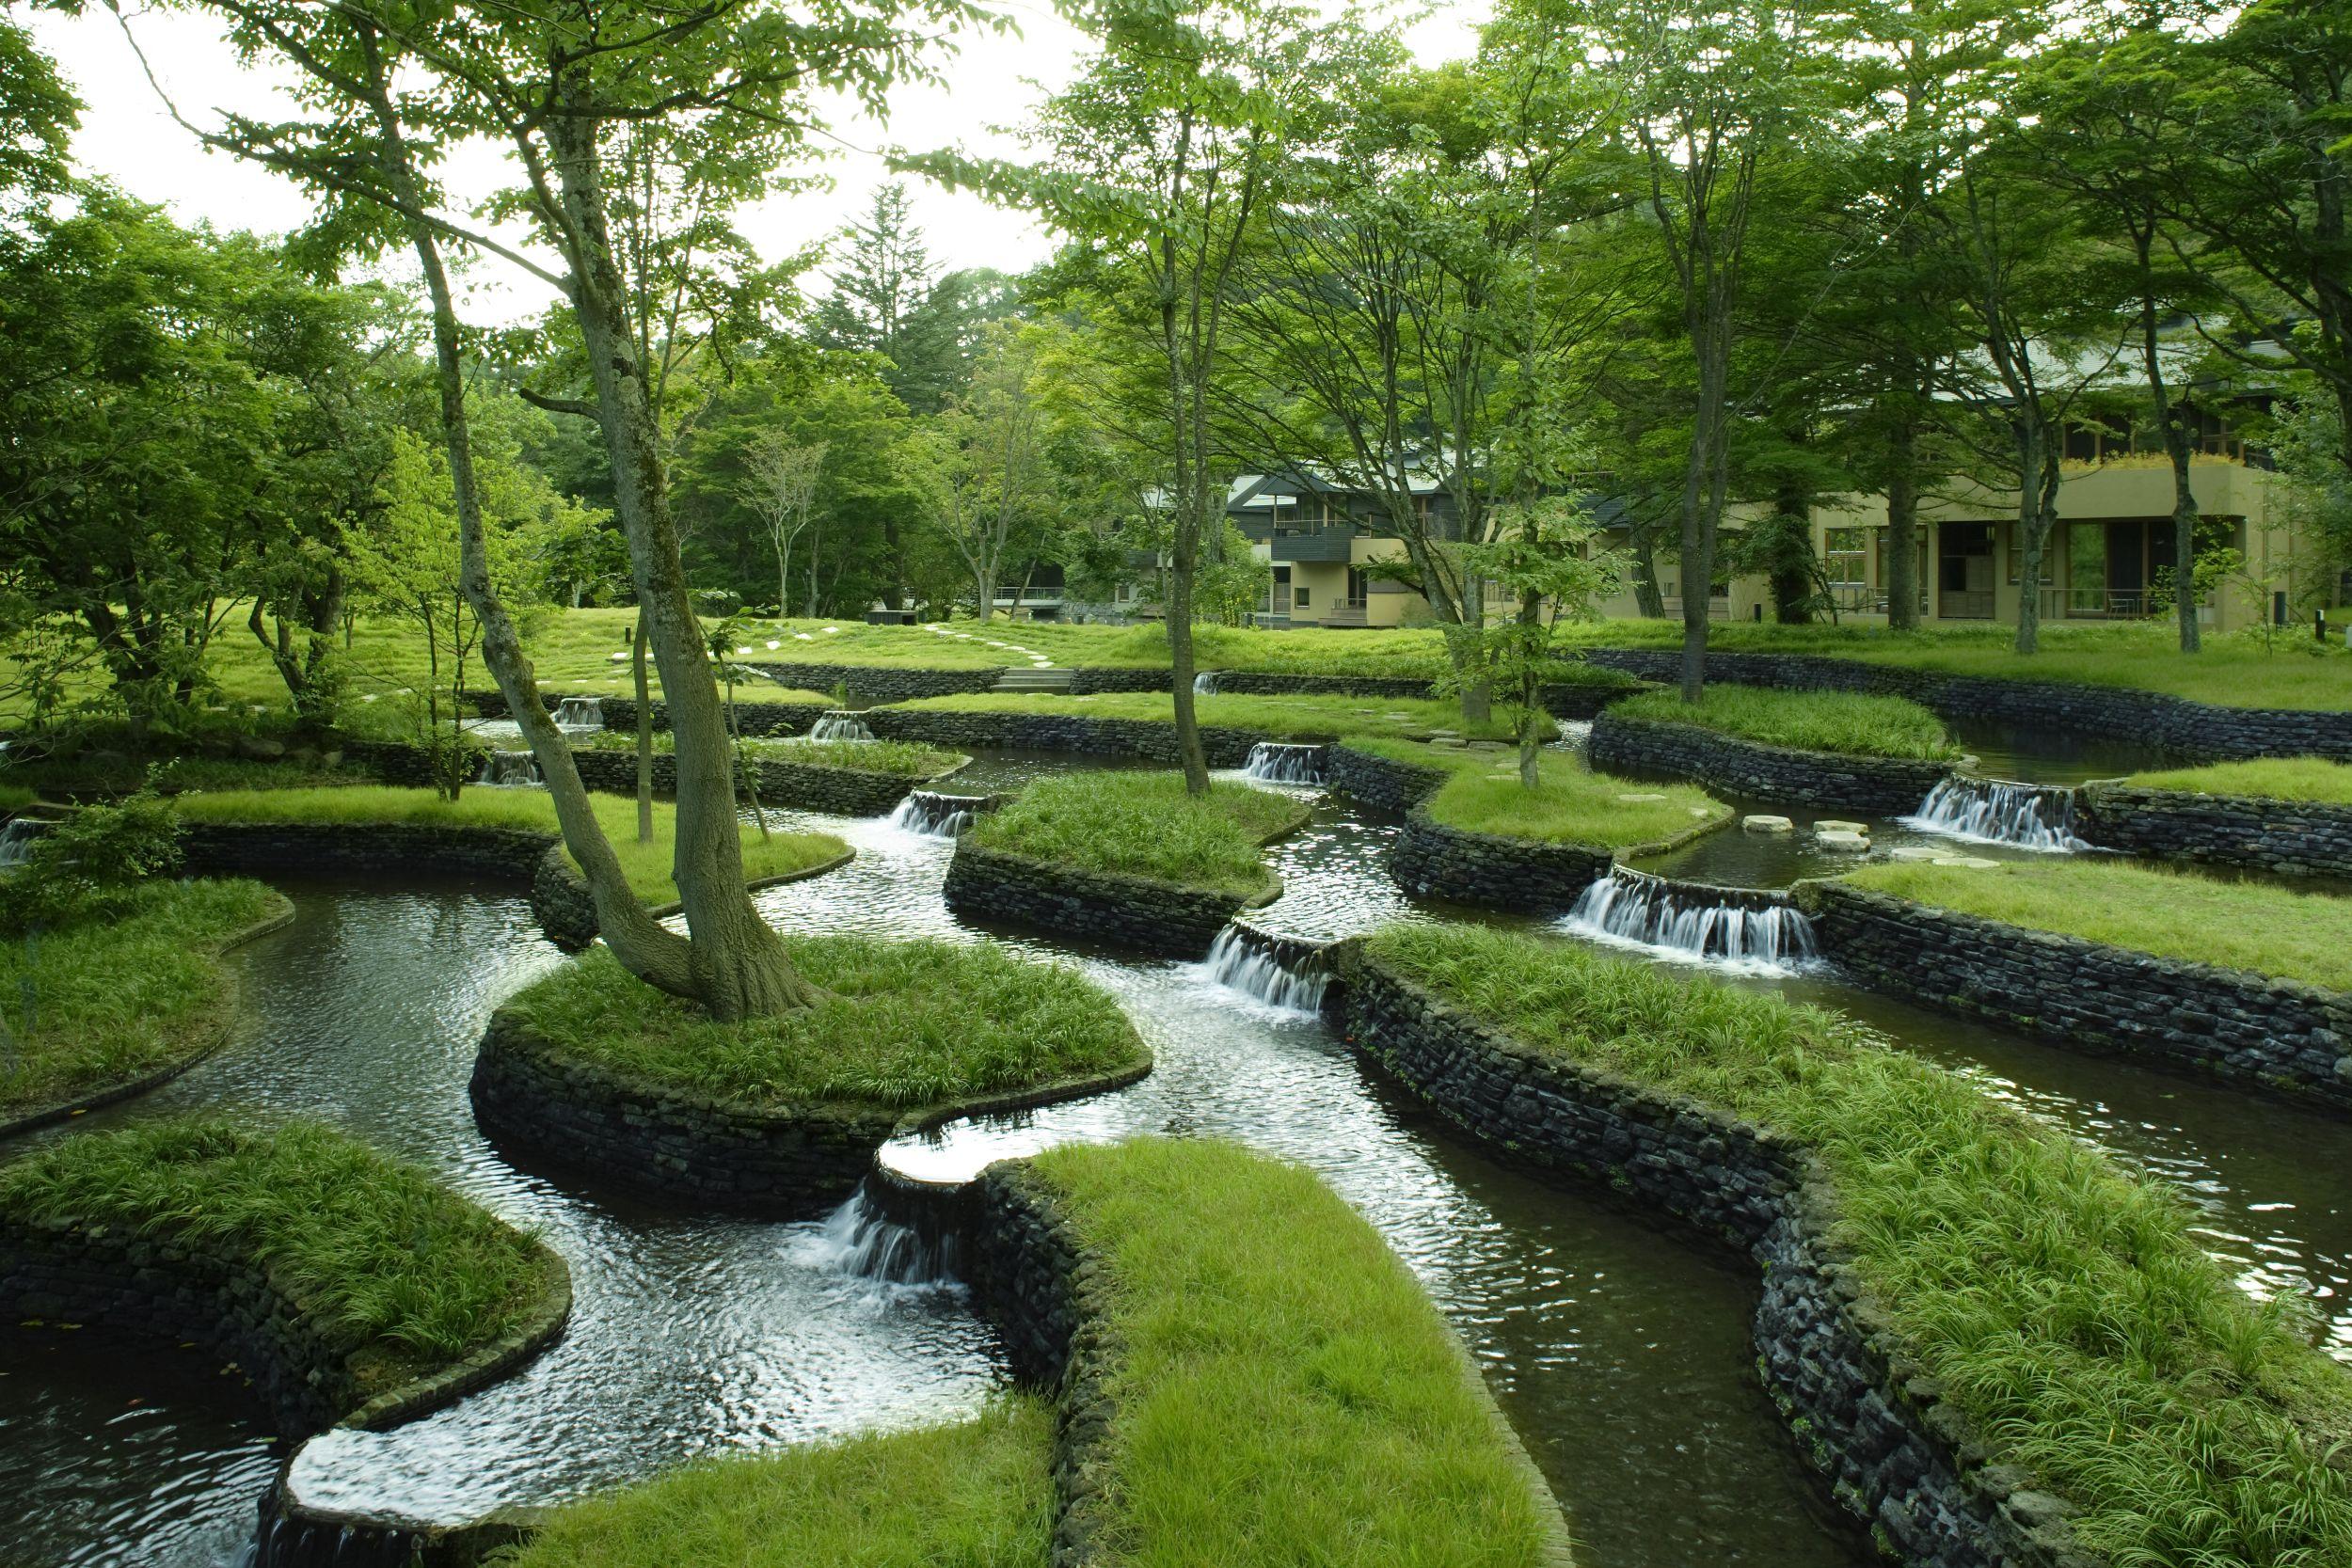 The Hoshinoya Karuizawa Resort (Hoshinoya / PA)